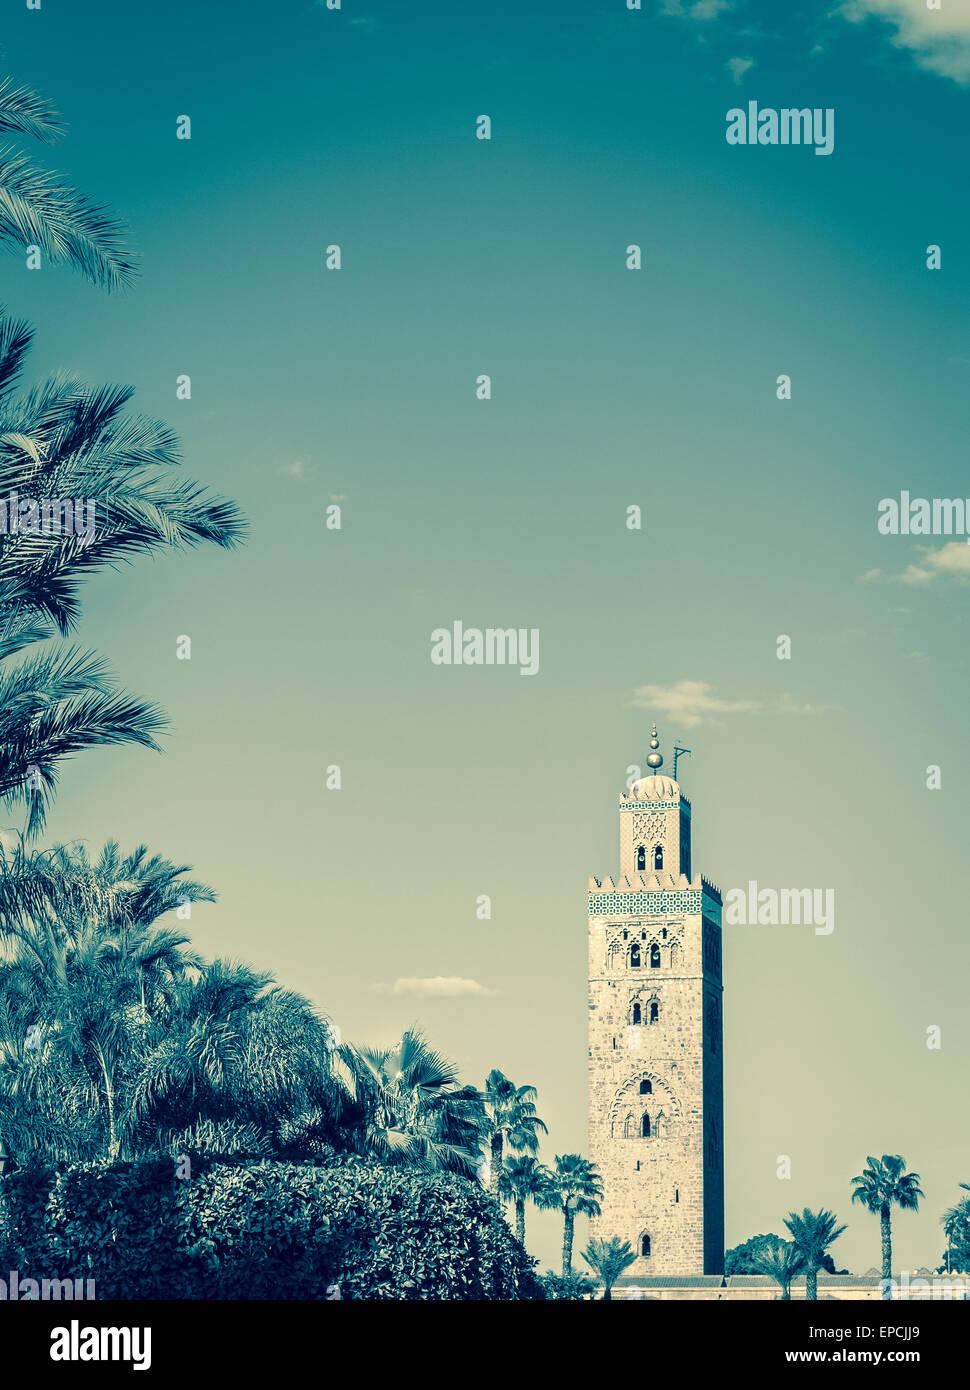 Retro style photo of Koutoubia Mosque Minaret in Marrakesh city, Morocco. Stock Photo